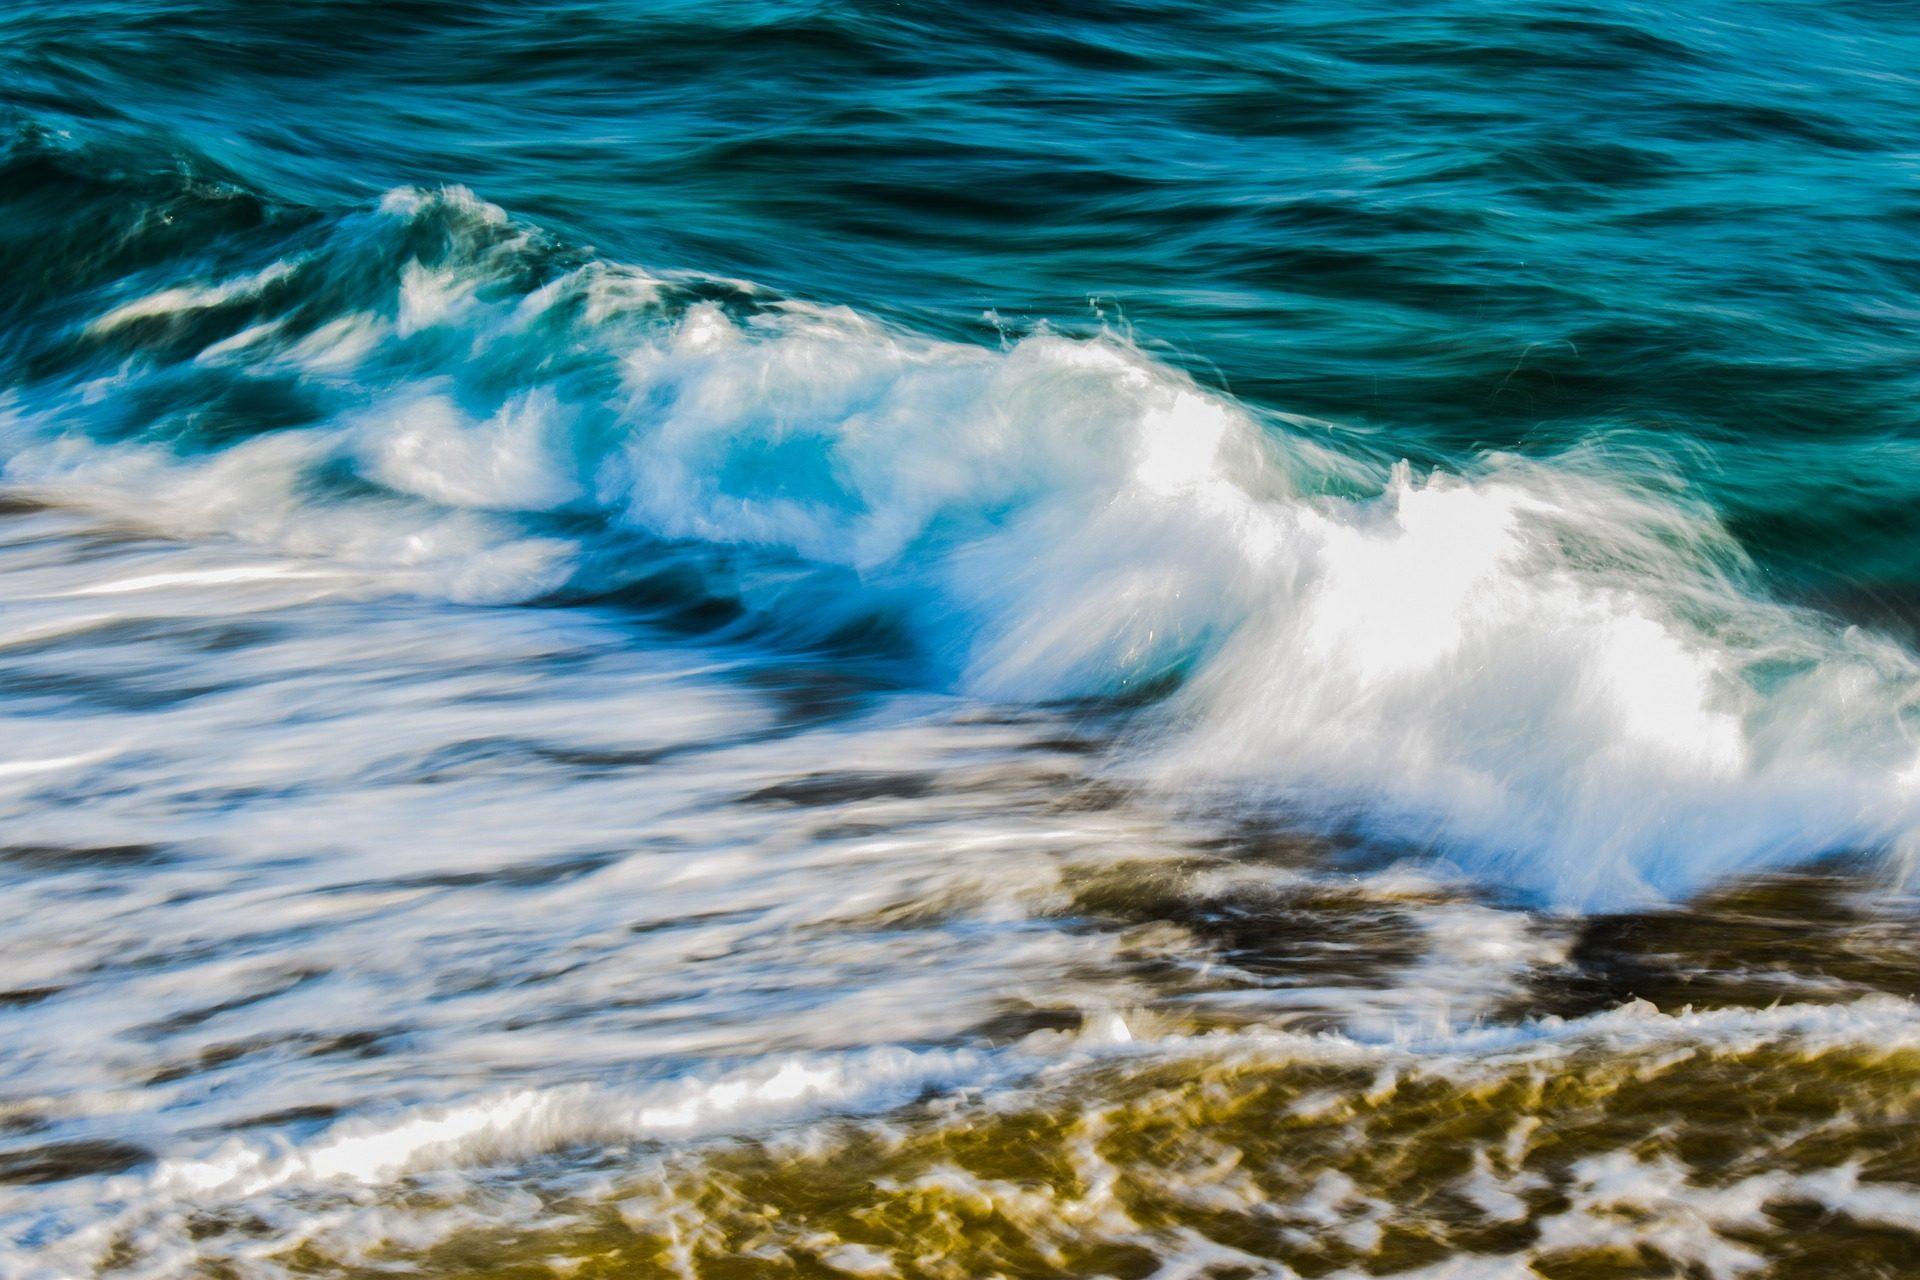 波, 潮, ビーチ, 泡, 海 - HD の壁紙 - 教授-falken.com